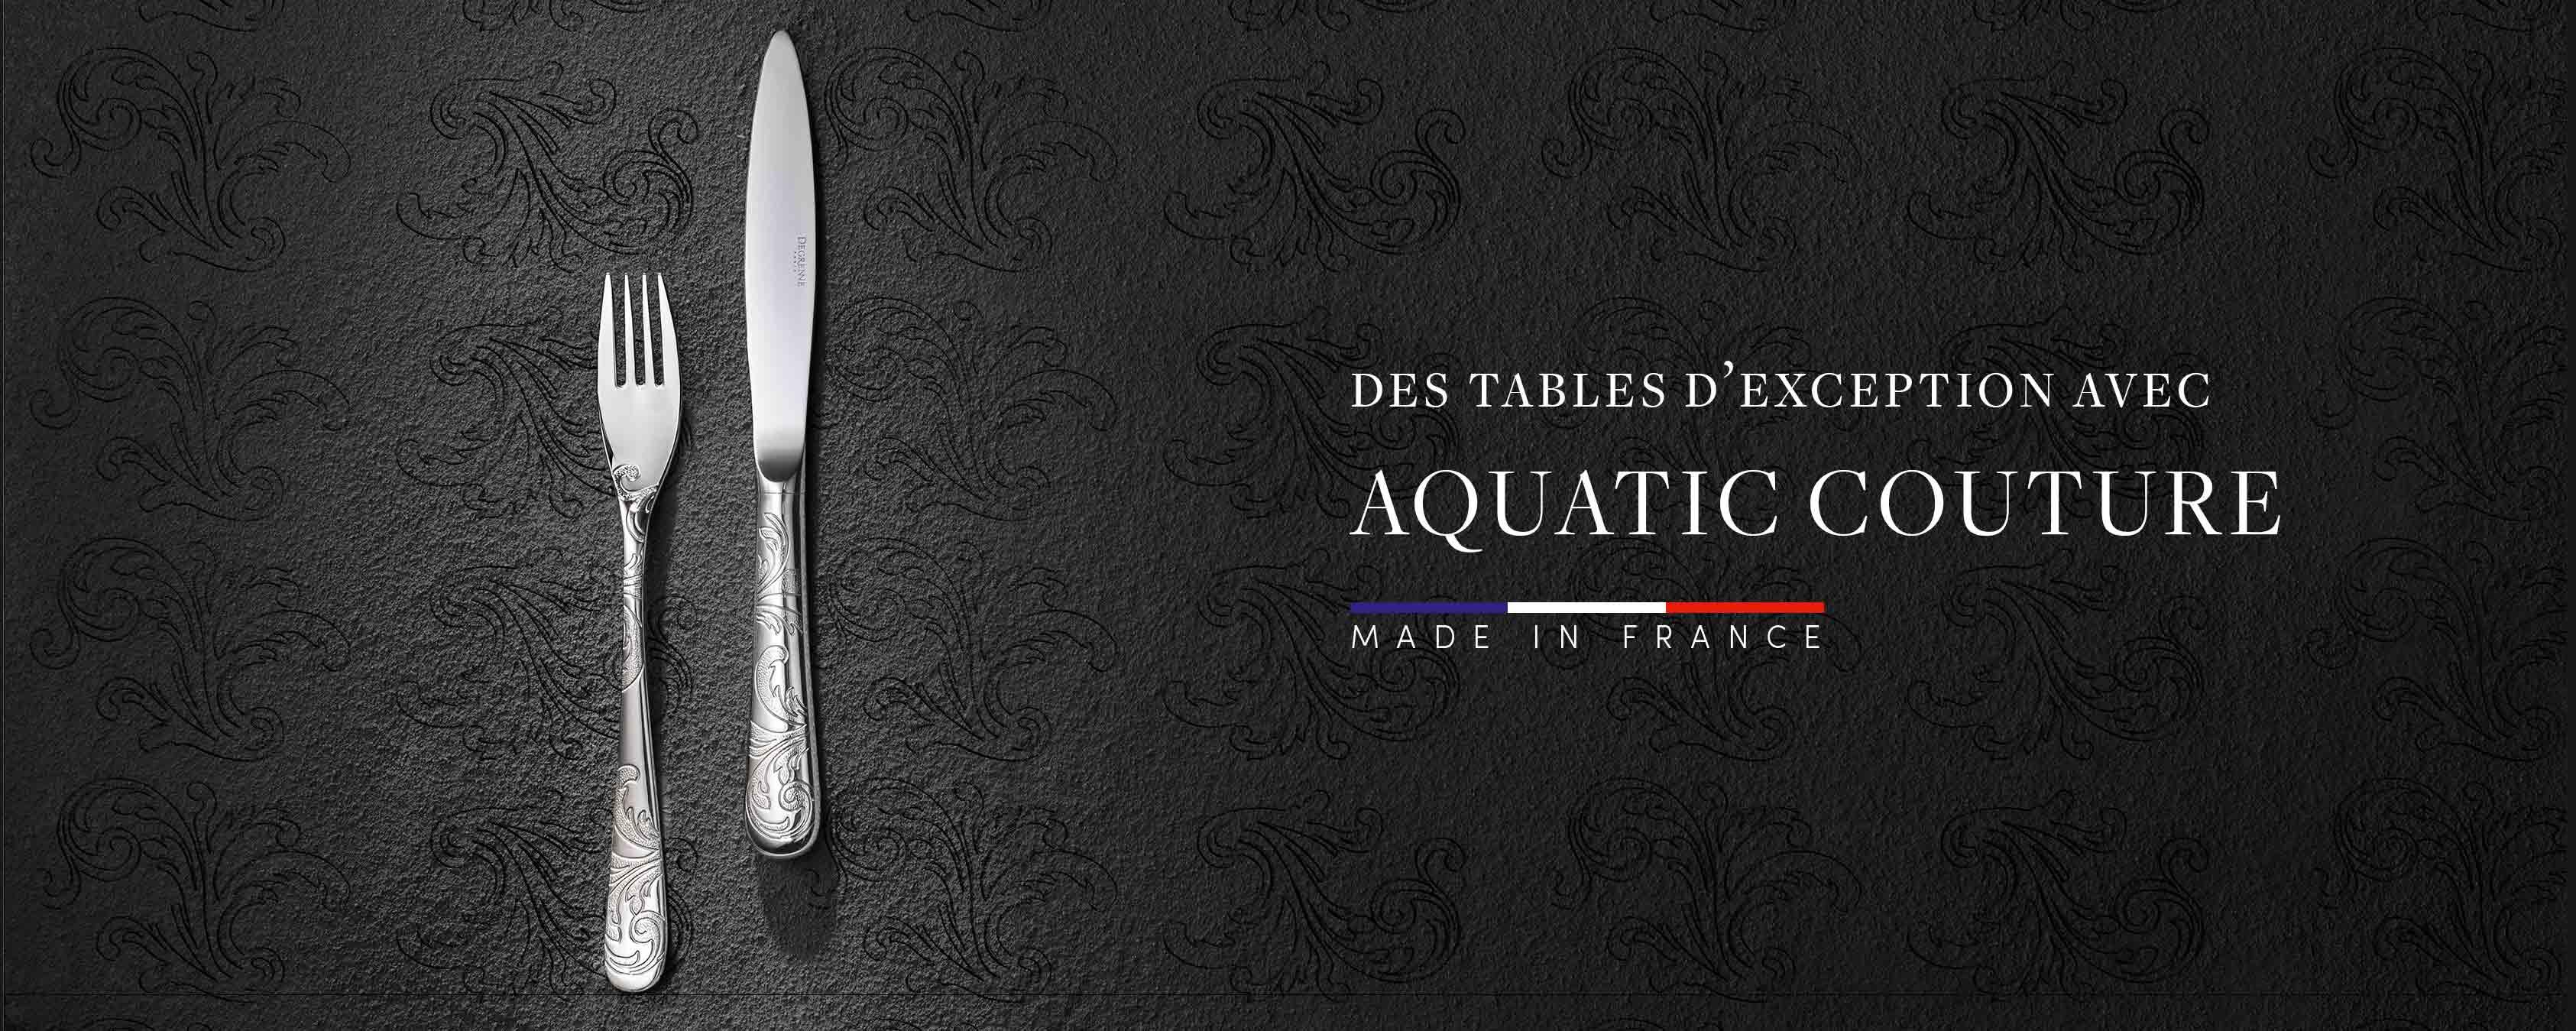 Aquatic Couture - CHR - FR